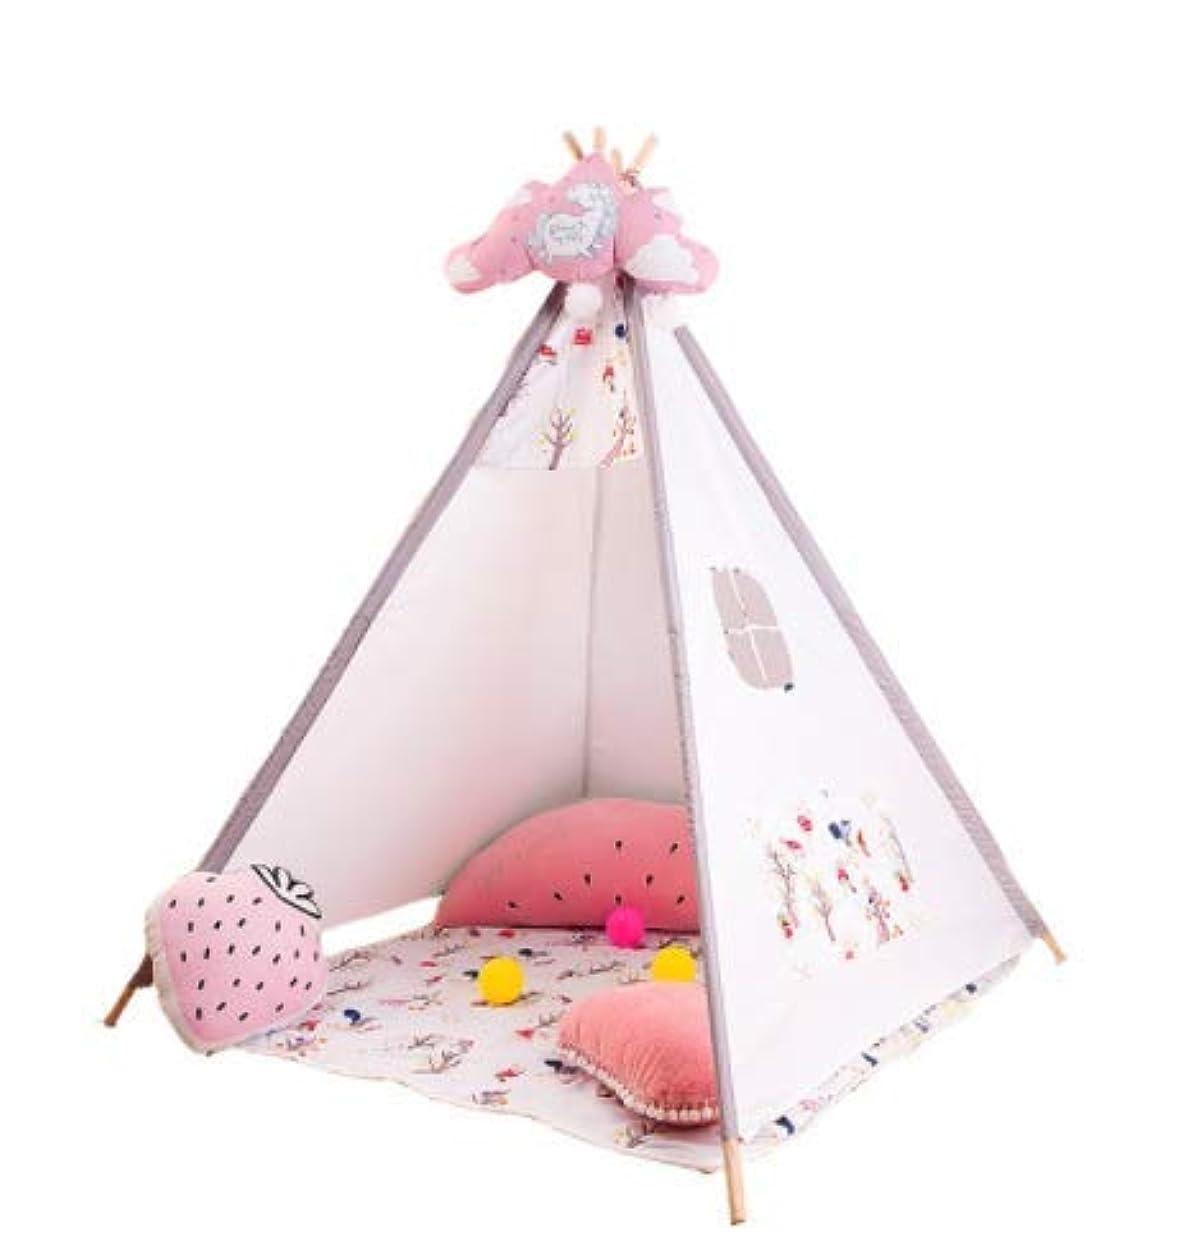 セクション圧倒的矩形Feelyer 屋内子供のテントガールプレイハウスのおもちゃの家家族のテント安全で環境に優しい換気構造安定 顧客に愛されて